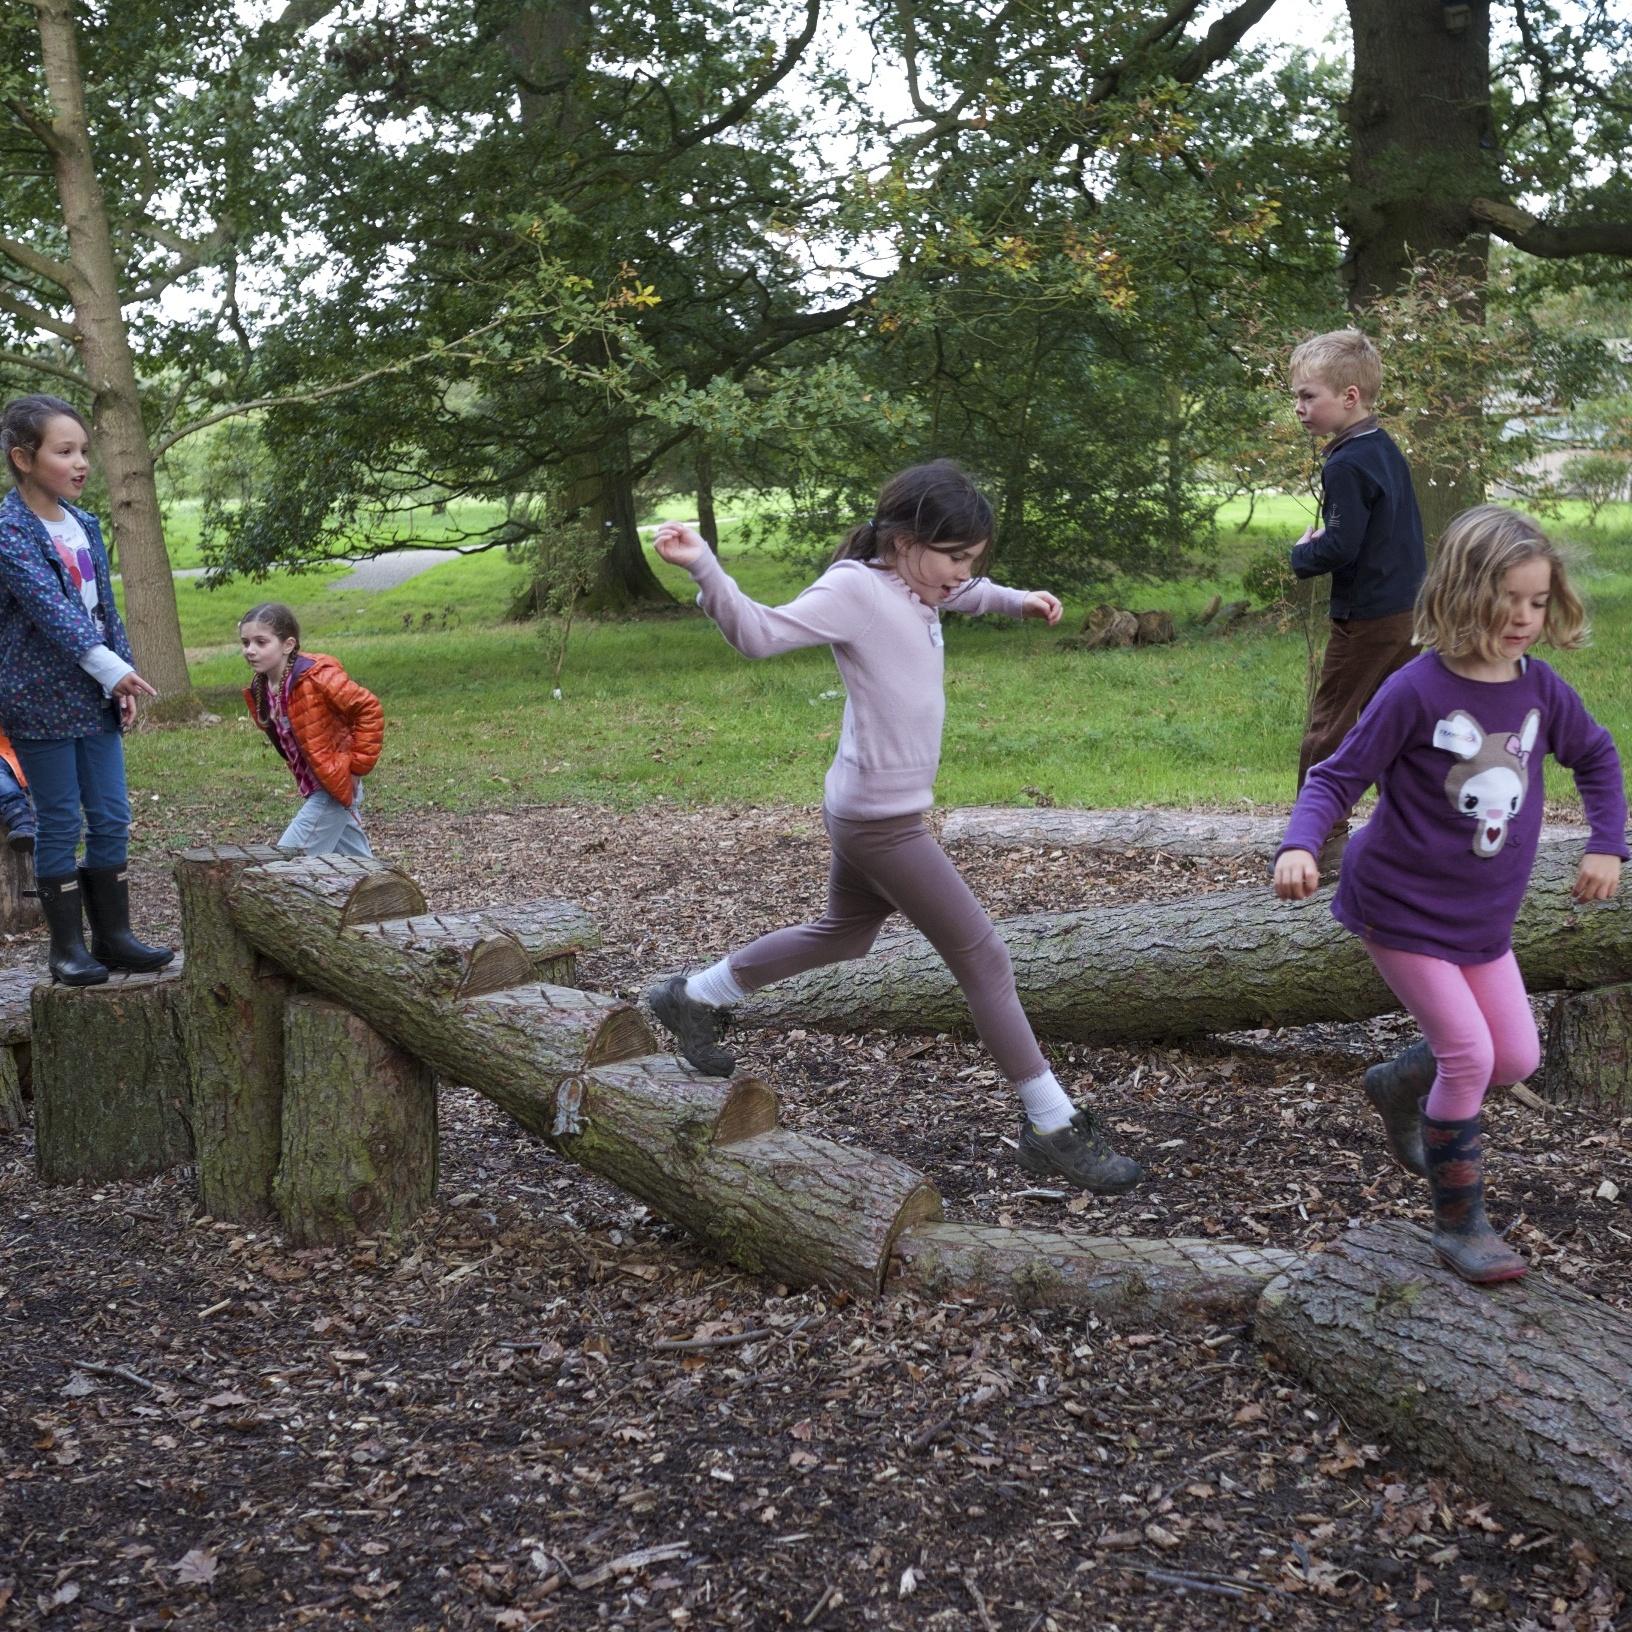 Yorkshire Arboretum - Woodland Playground sq.jpg